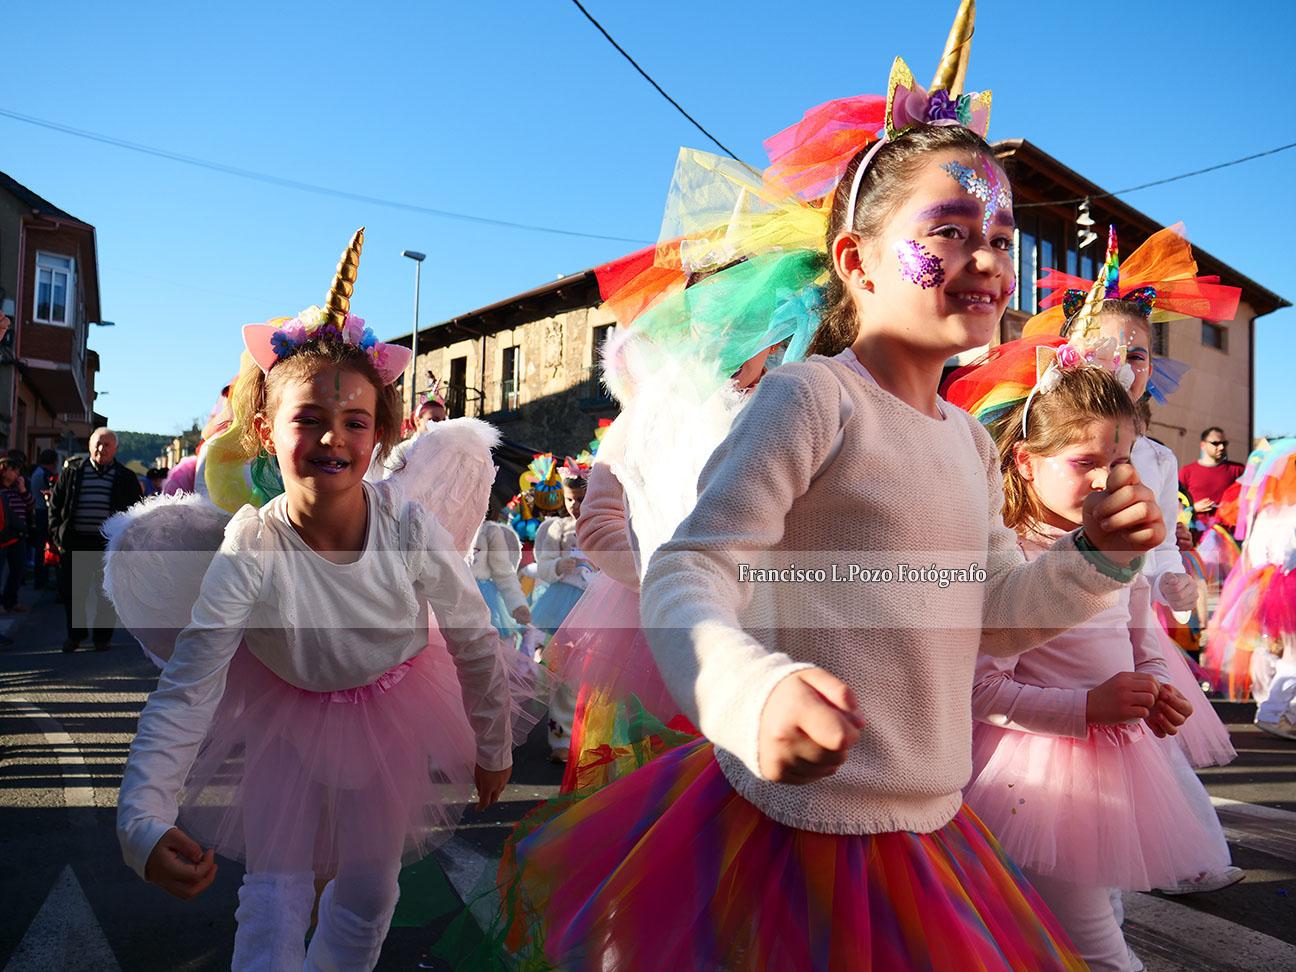 Carnaval 2020: Camponaraya sale a la calle a ritmo de comparsa 19